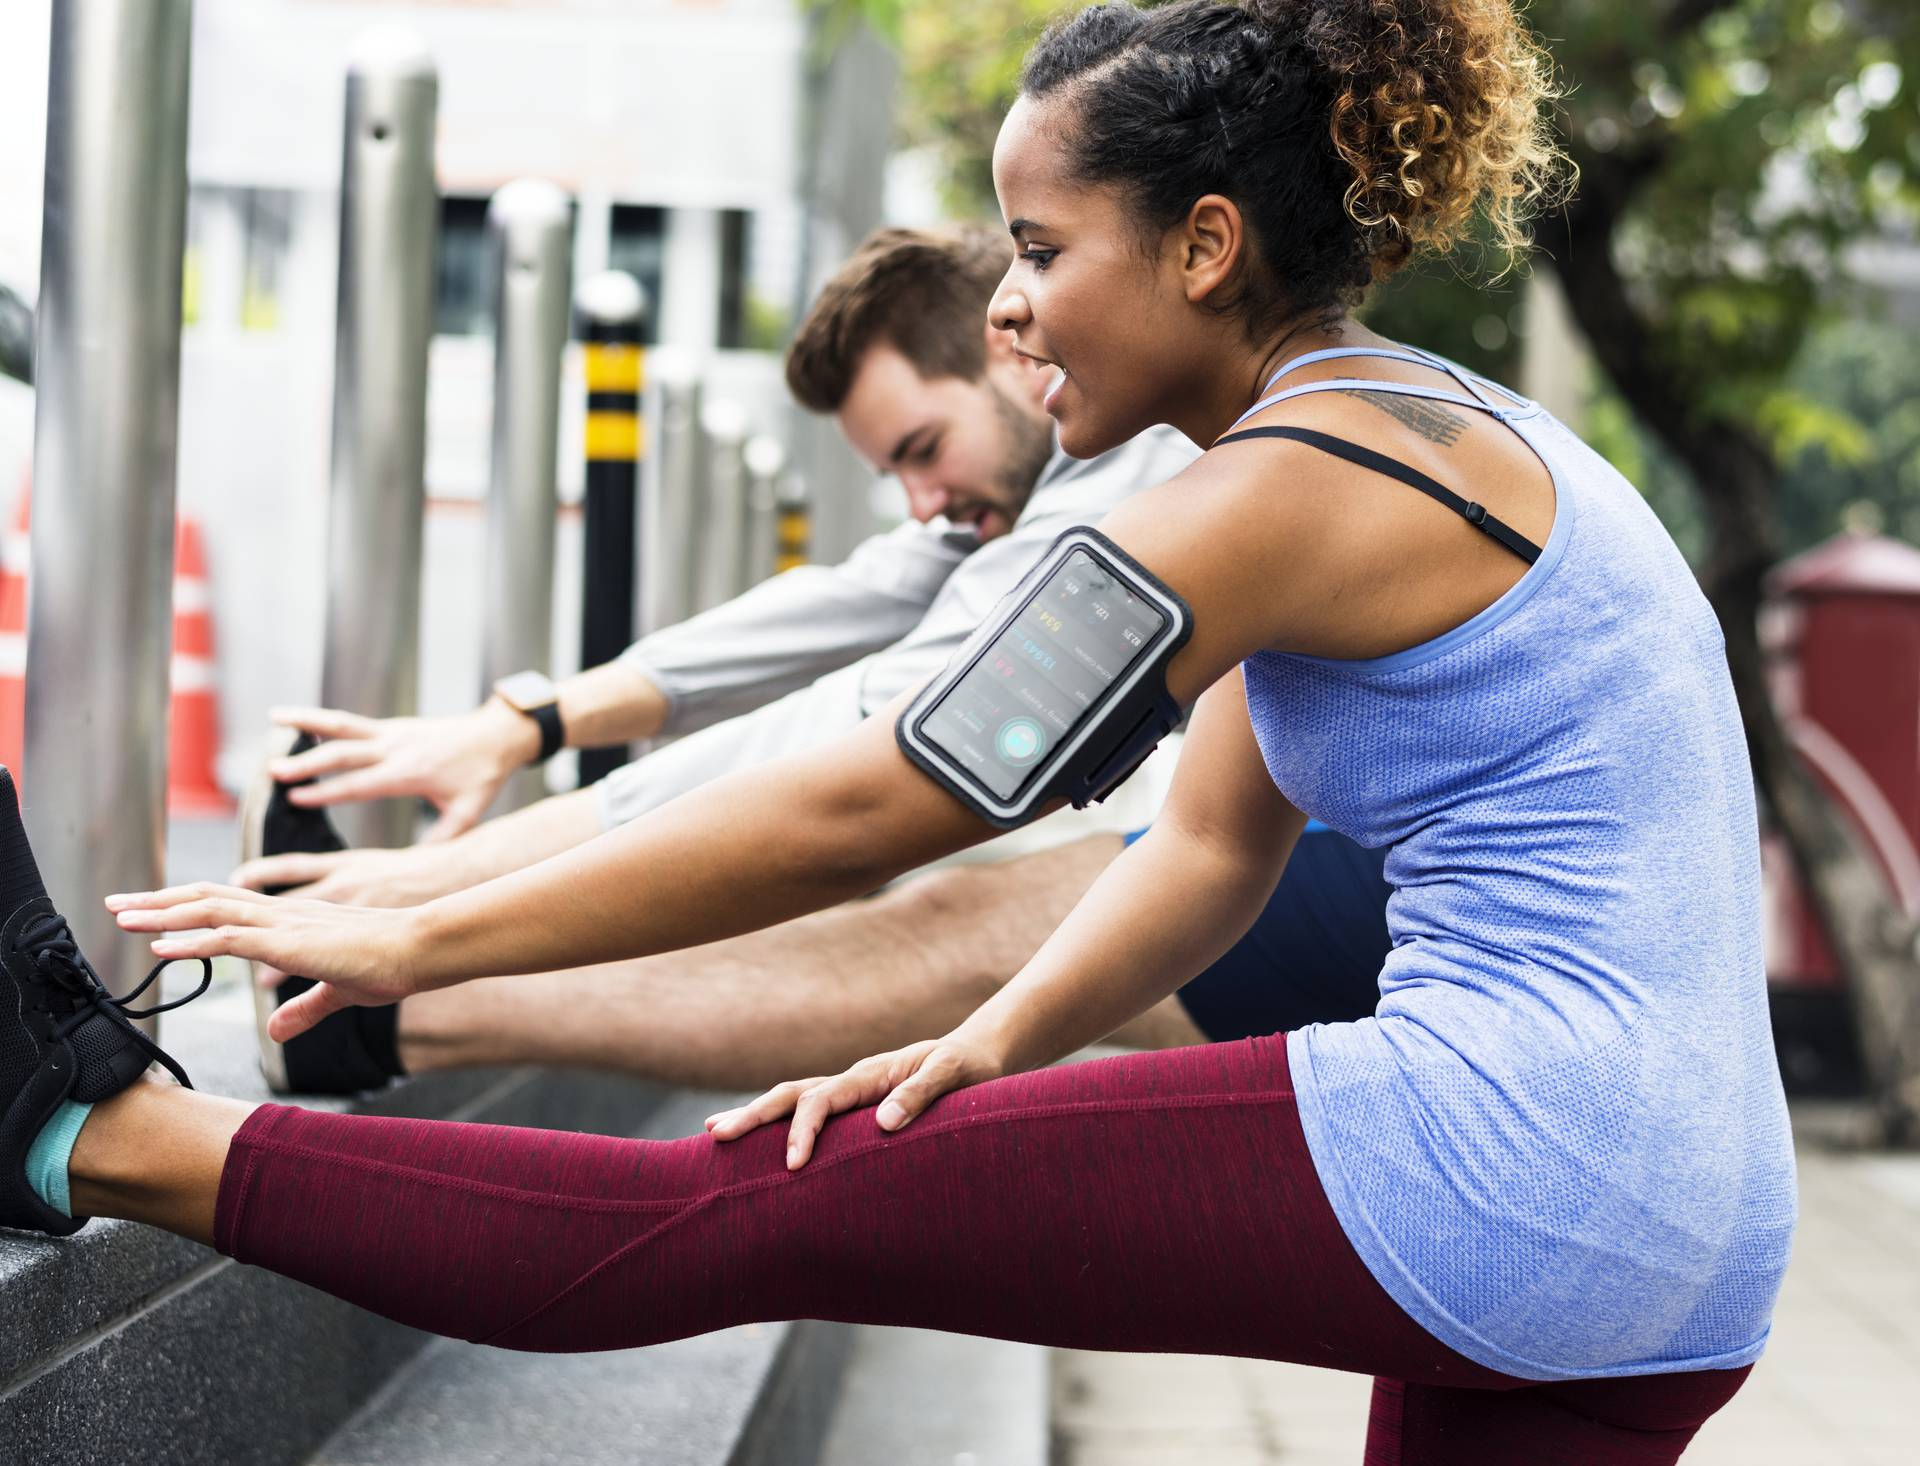 Kardio na prazan želudac: Je li takav trening dobar i koristan?